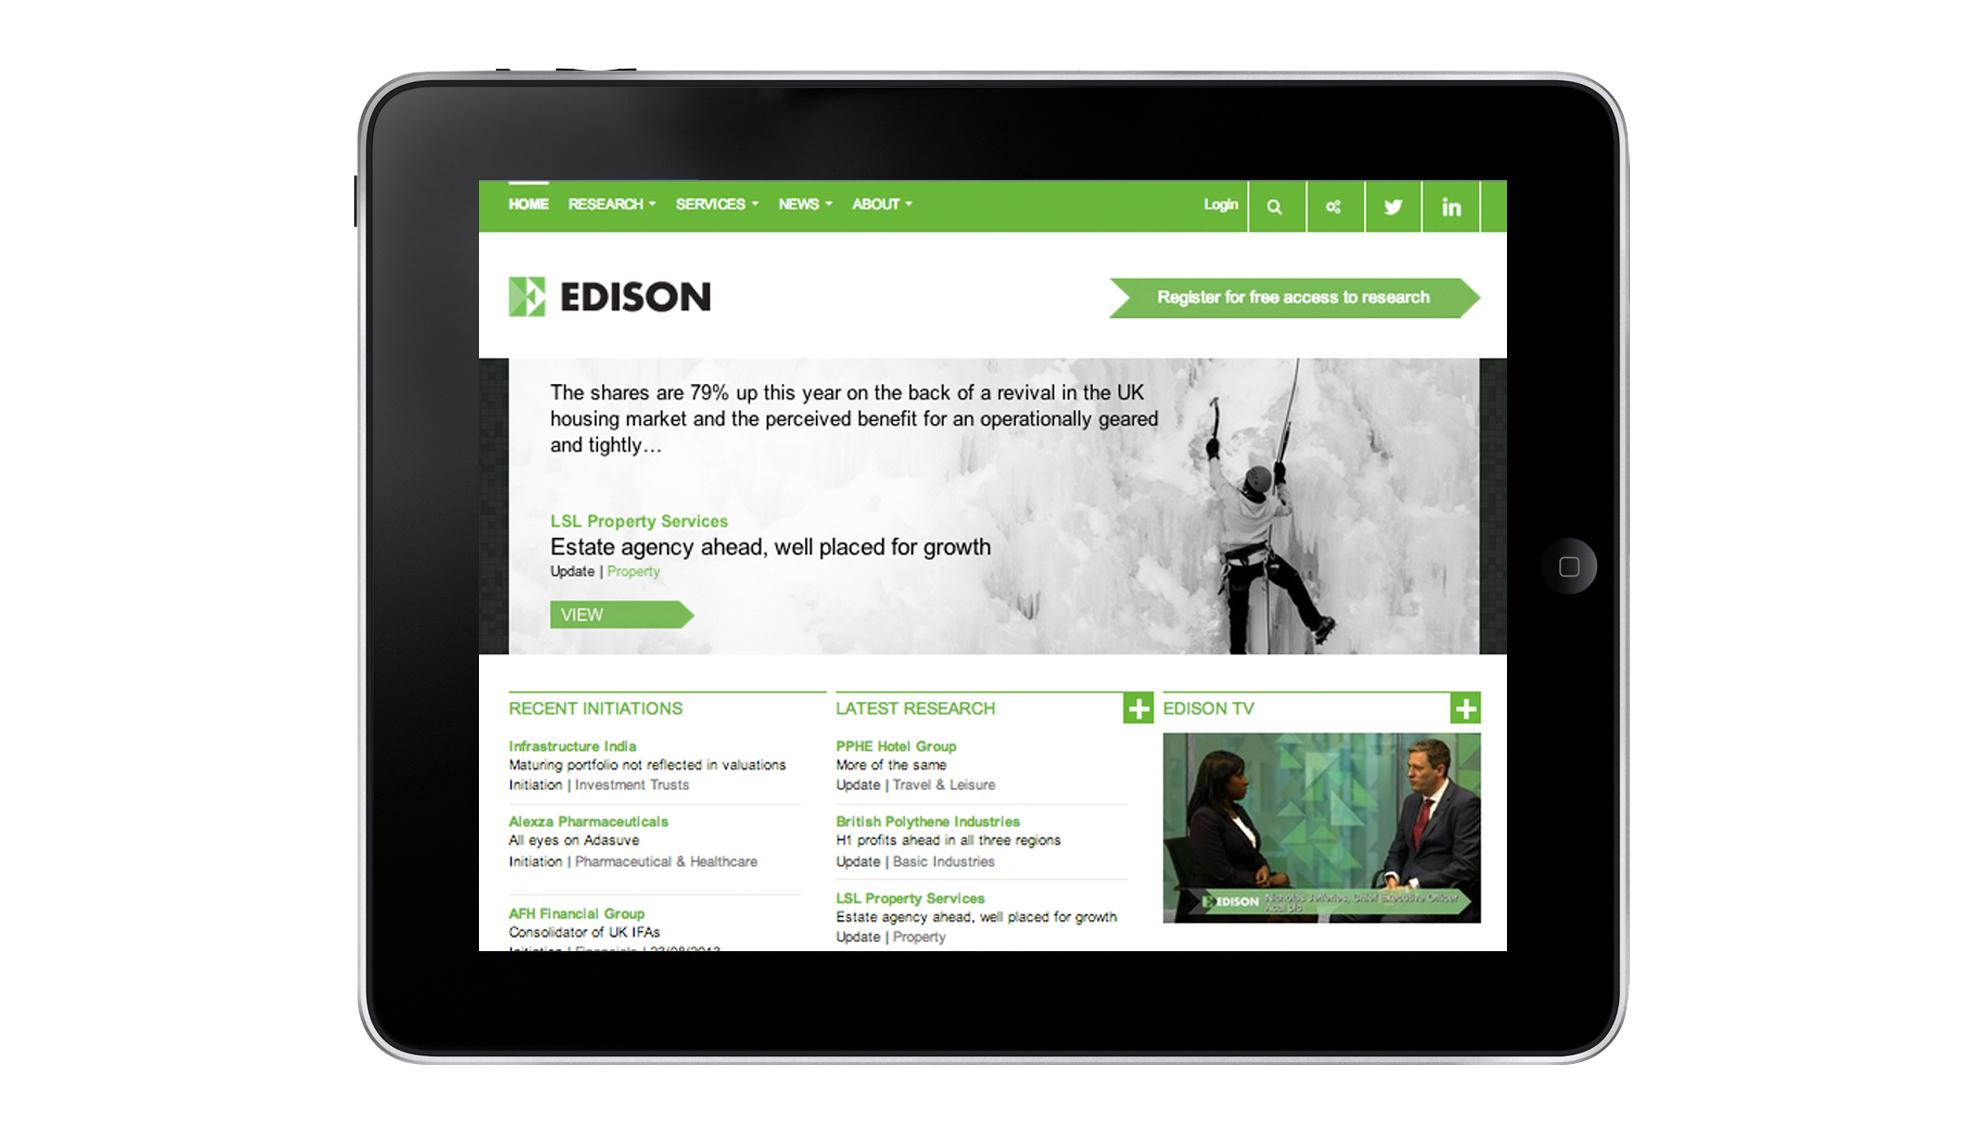 Edison_ipad.jpg